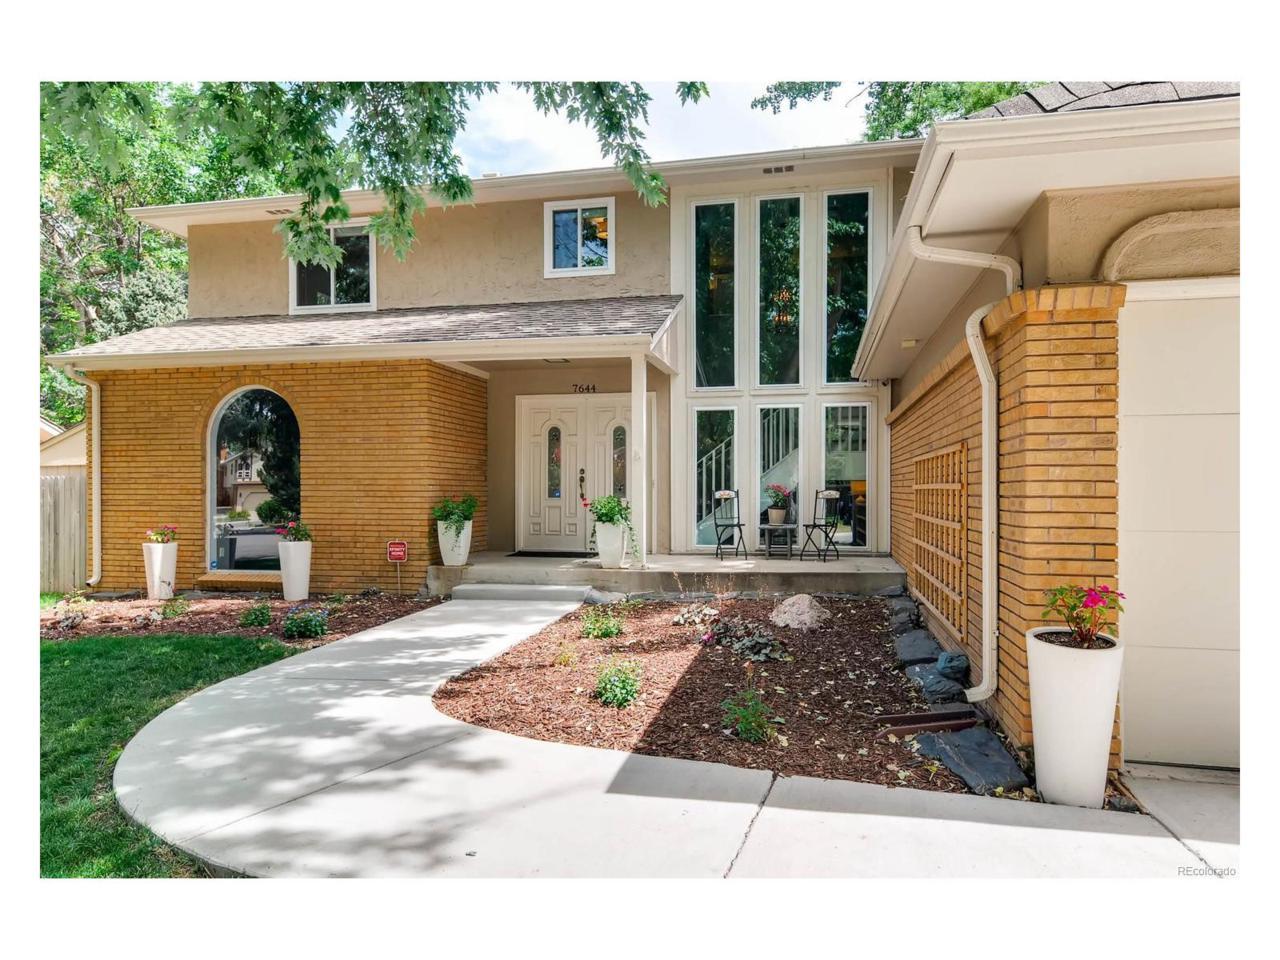 7644 E Jefferson Drive, Denver, CO 80237 (MLS #6602112) :: 8z Real Estate